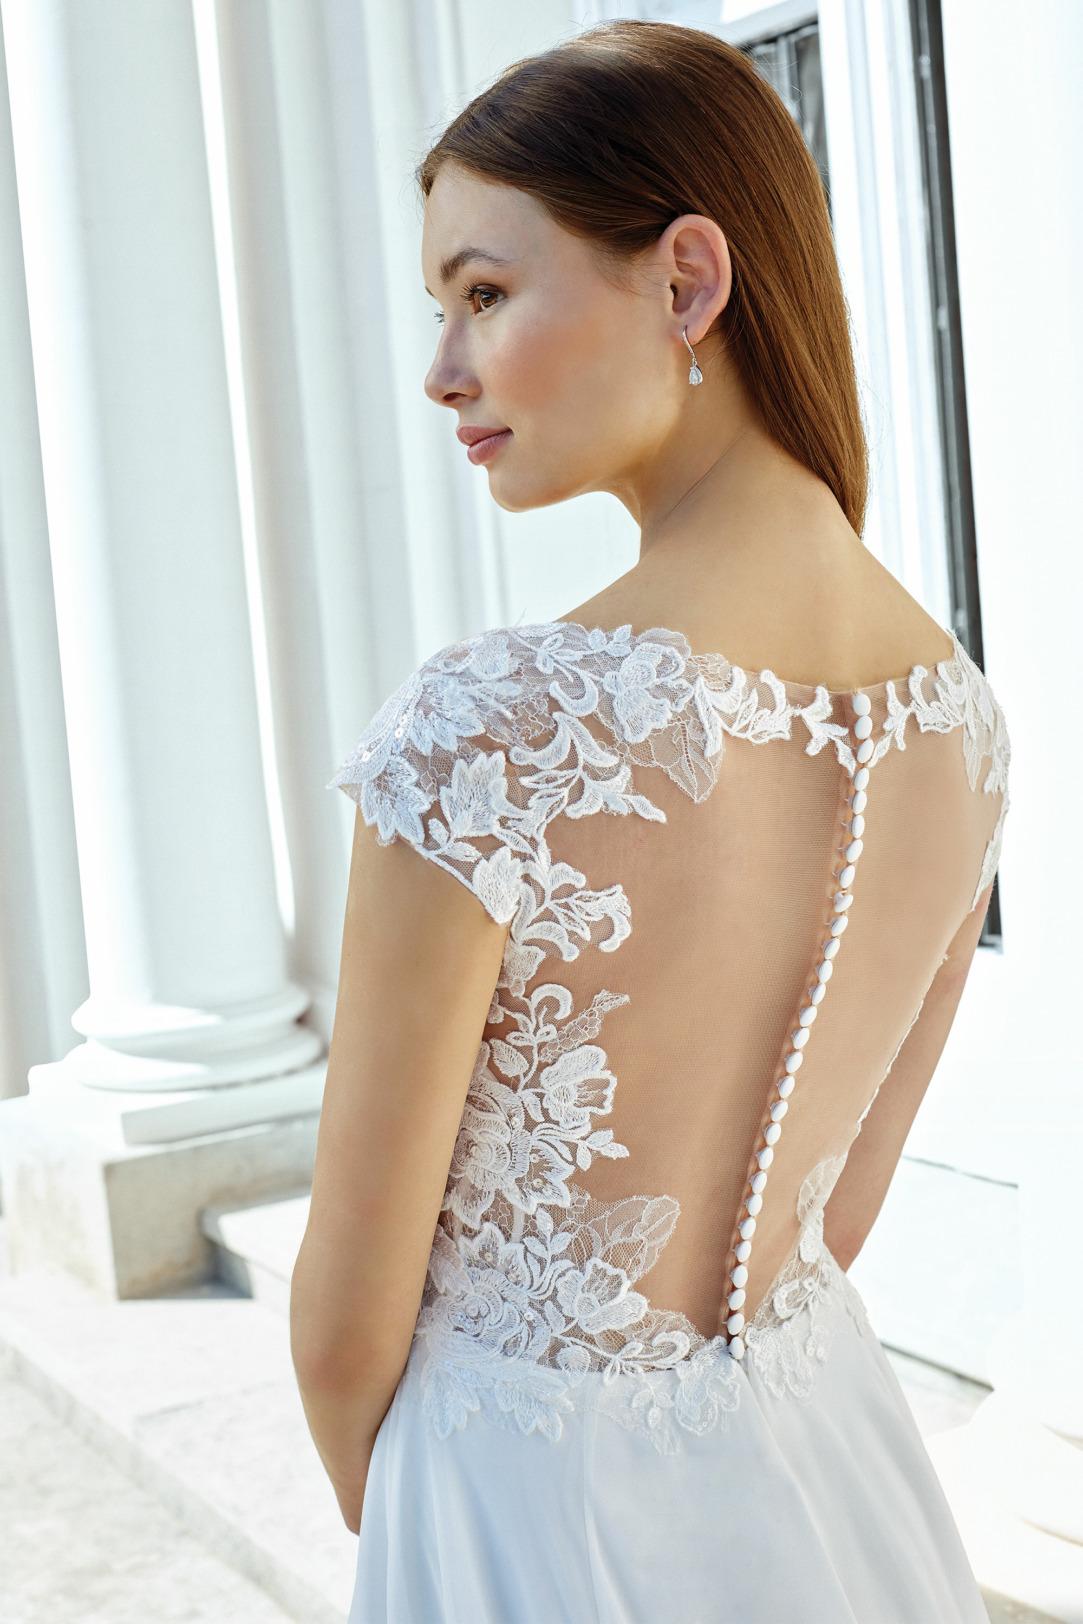 Rückenansicht im Detail - Hochzeitskleid in A-Linie von Adore by Justin Alexander Modell 11123.  Wunderschönes Brautkleid mit V-Ausschnitt und überschnittenem Arm. Hochwertige Spitzen Applikationen und dekorativer Knopfleiste am Rücken weich fließender Chiffon Rock Rückenansicht Detail